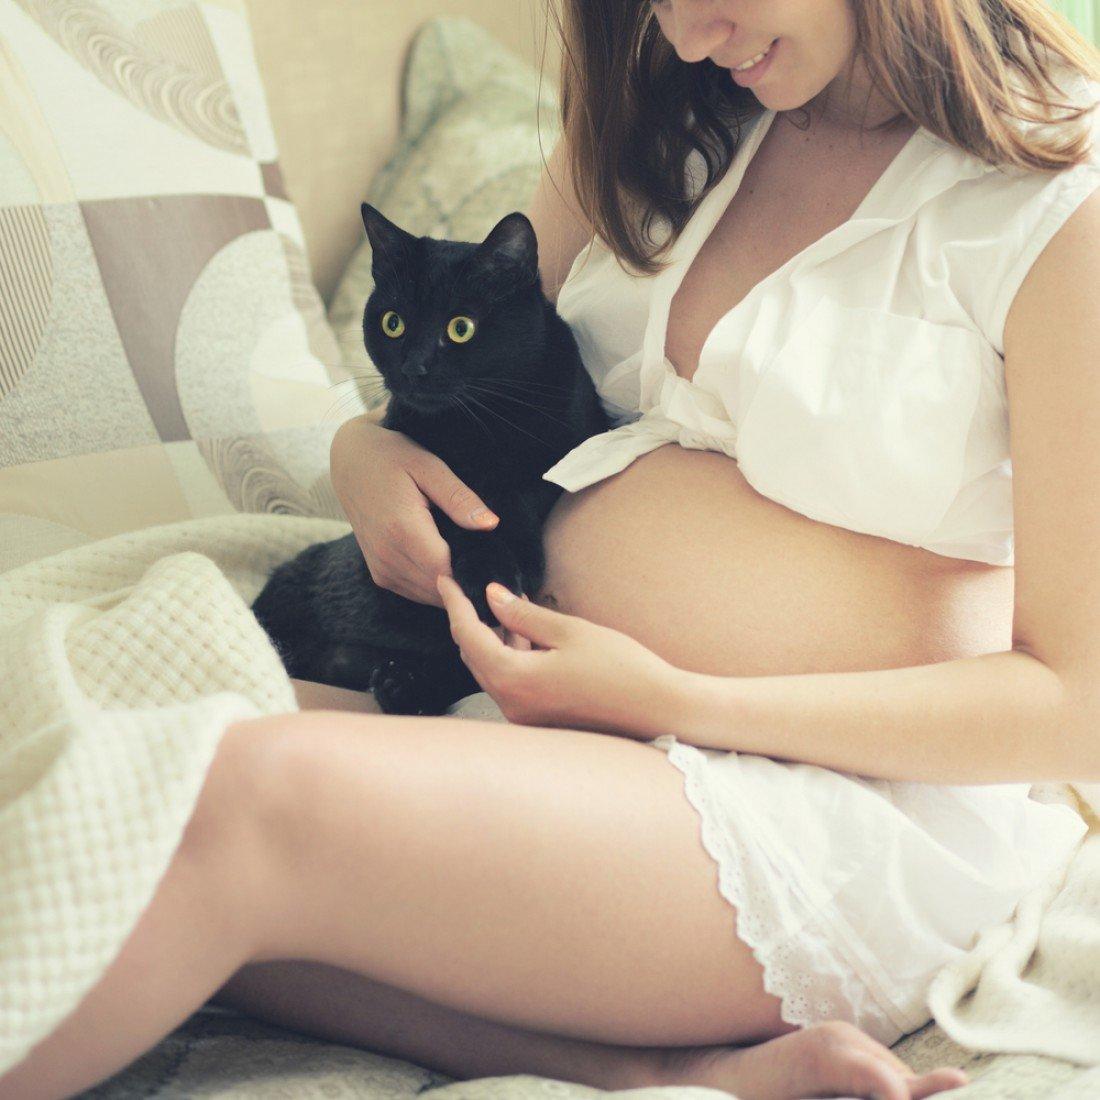 Кошка символизирует льстивого человека в окружении мужчины или женщины, который способствует развитию комплексов у сновидца и принятию неверных решений.